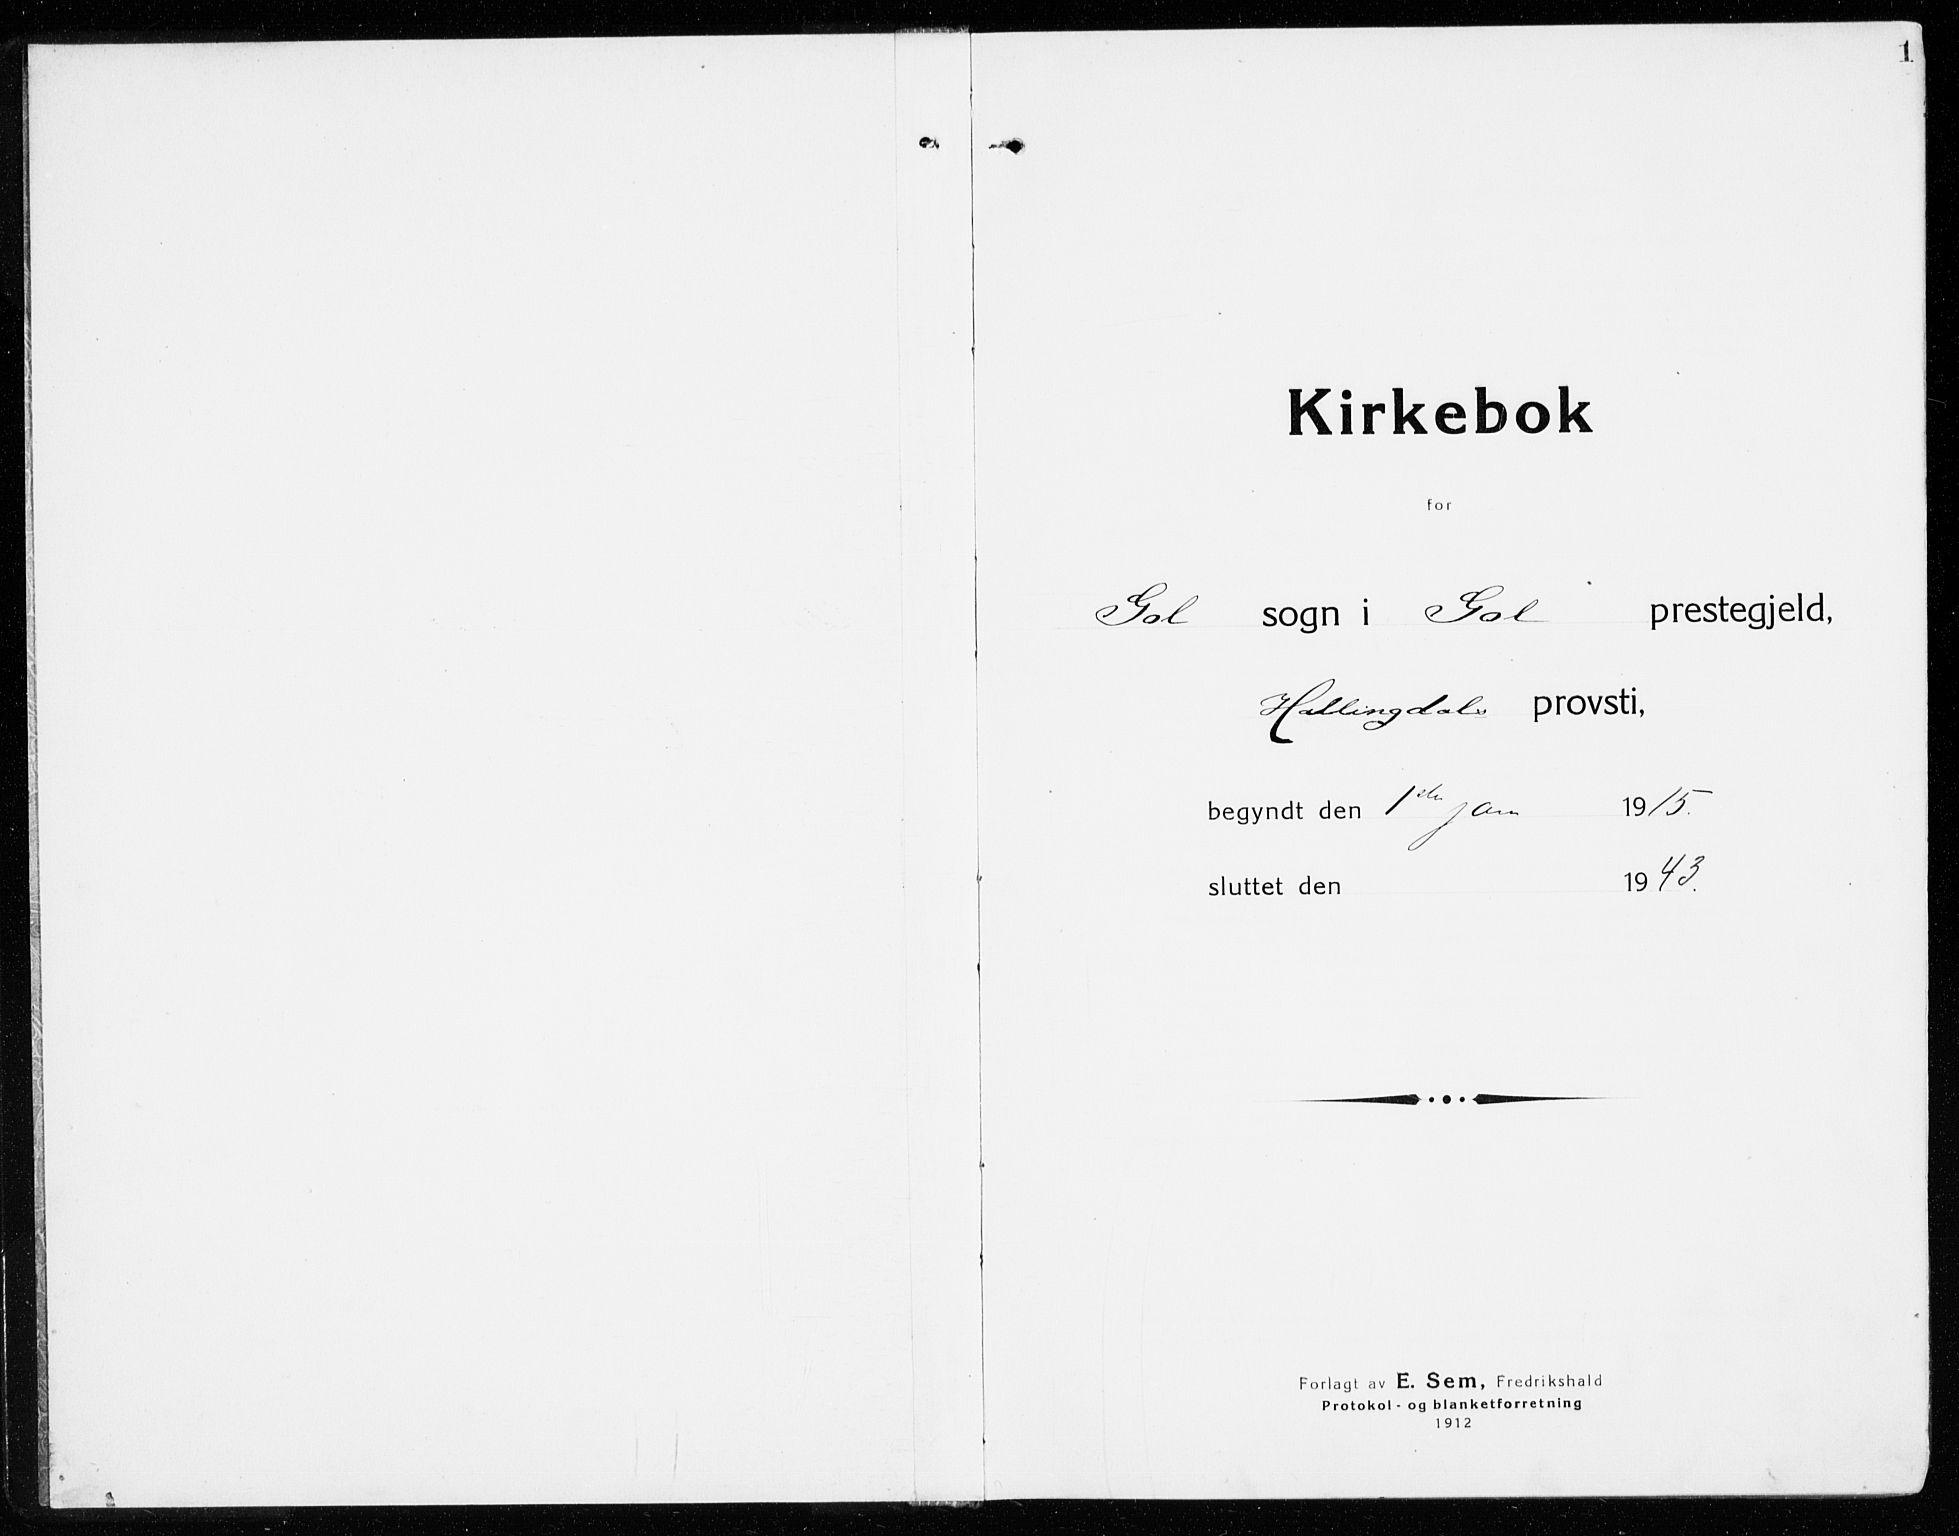 SAKO, Gol kirkebøker, G/Ga/L0004: Klokkerbok nr. I 4, 1915-1943, s. 1